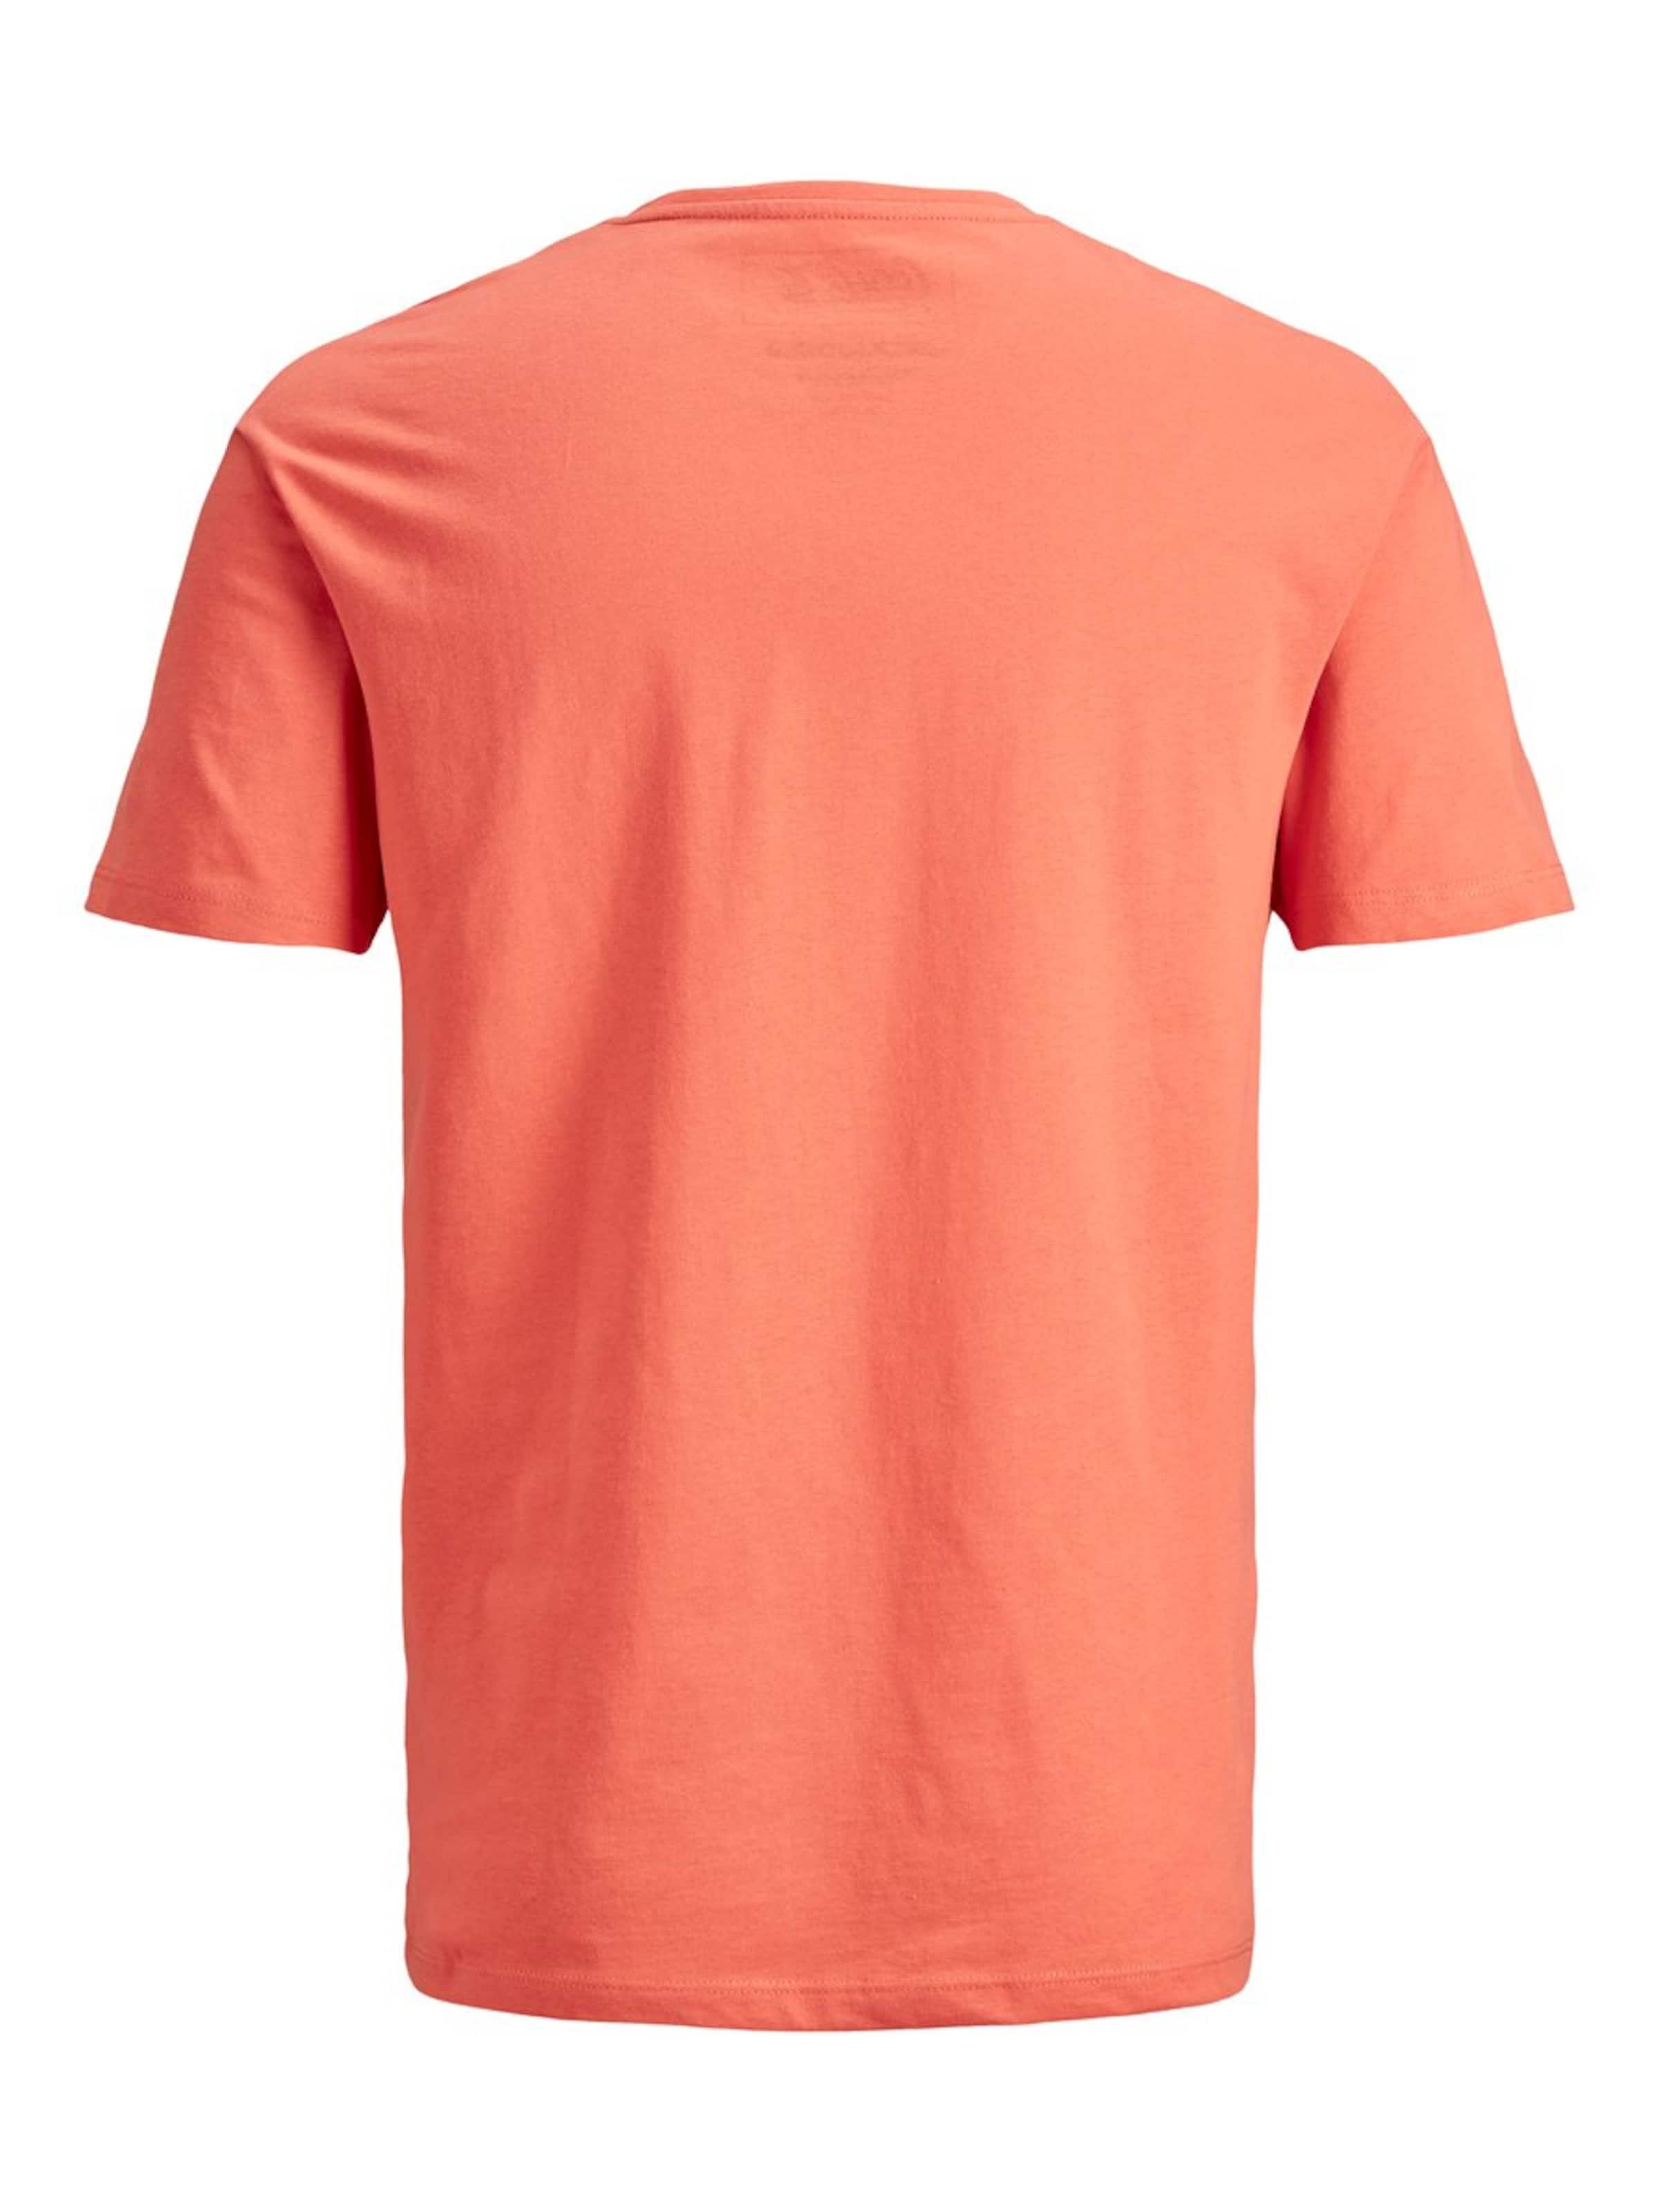 Jackamp; In CielVert shirt Fluo Corail JonesT Bleu Rose Ancienne SqVUMpz